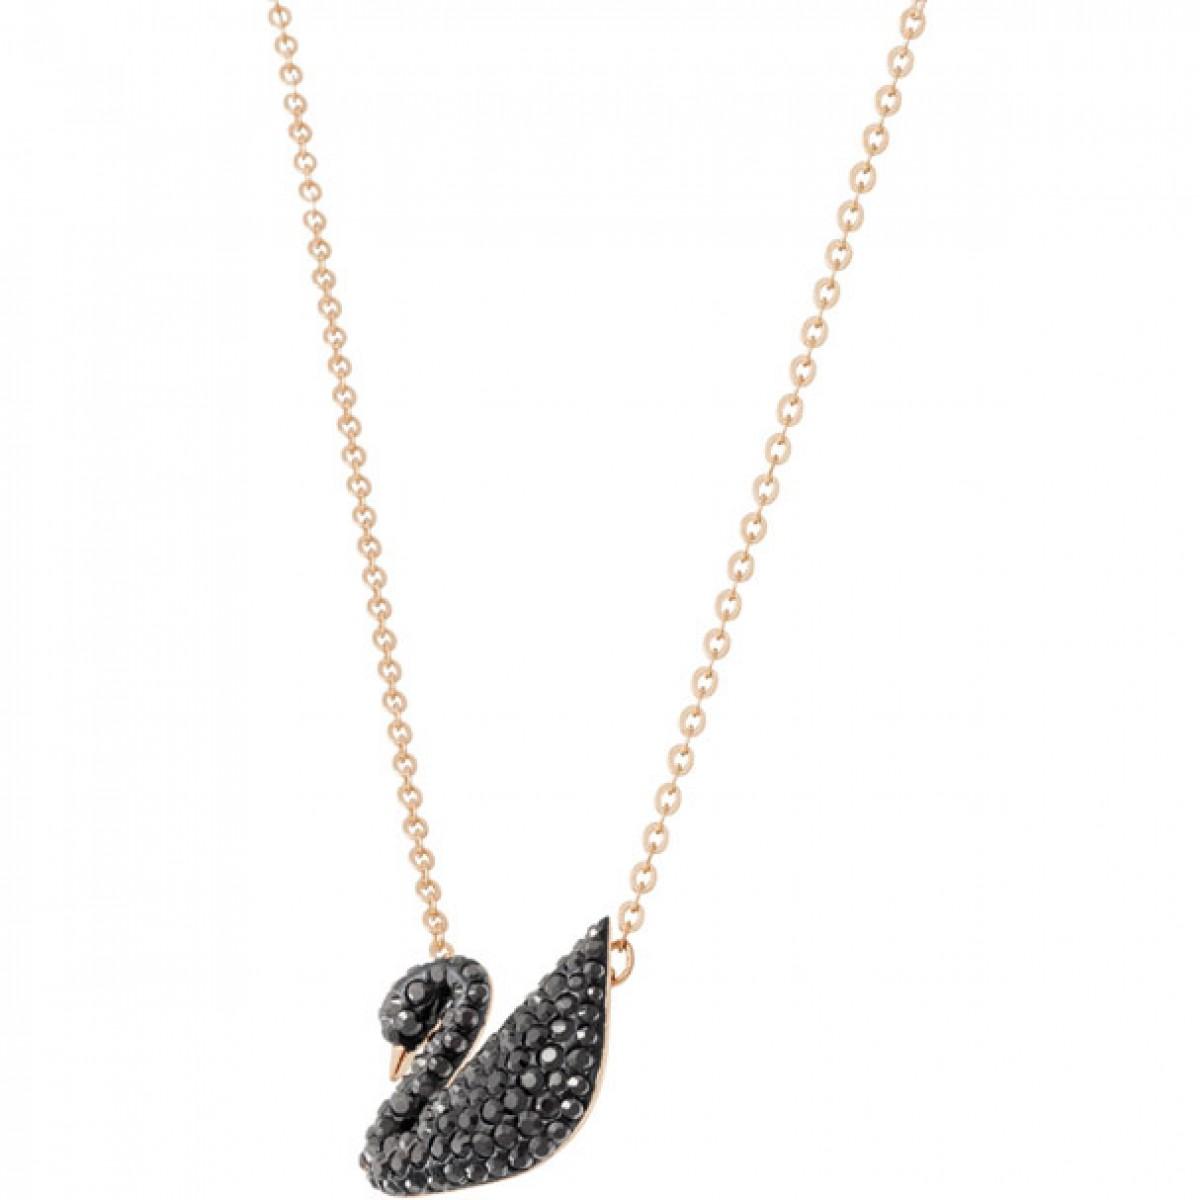 Γυναικεια Κοσμηματα Κολιέ Swarovski Iconic Swan 5204134 e0fbf161d87